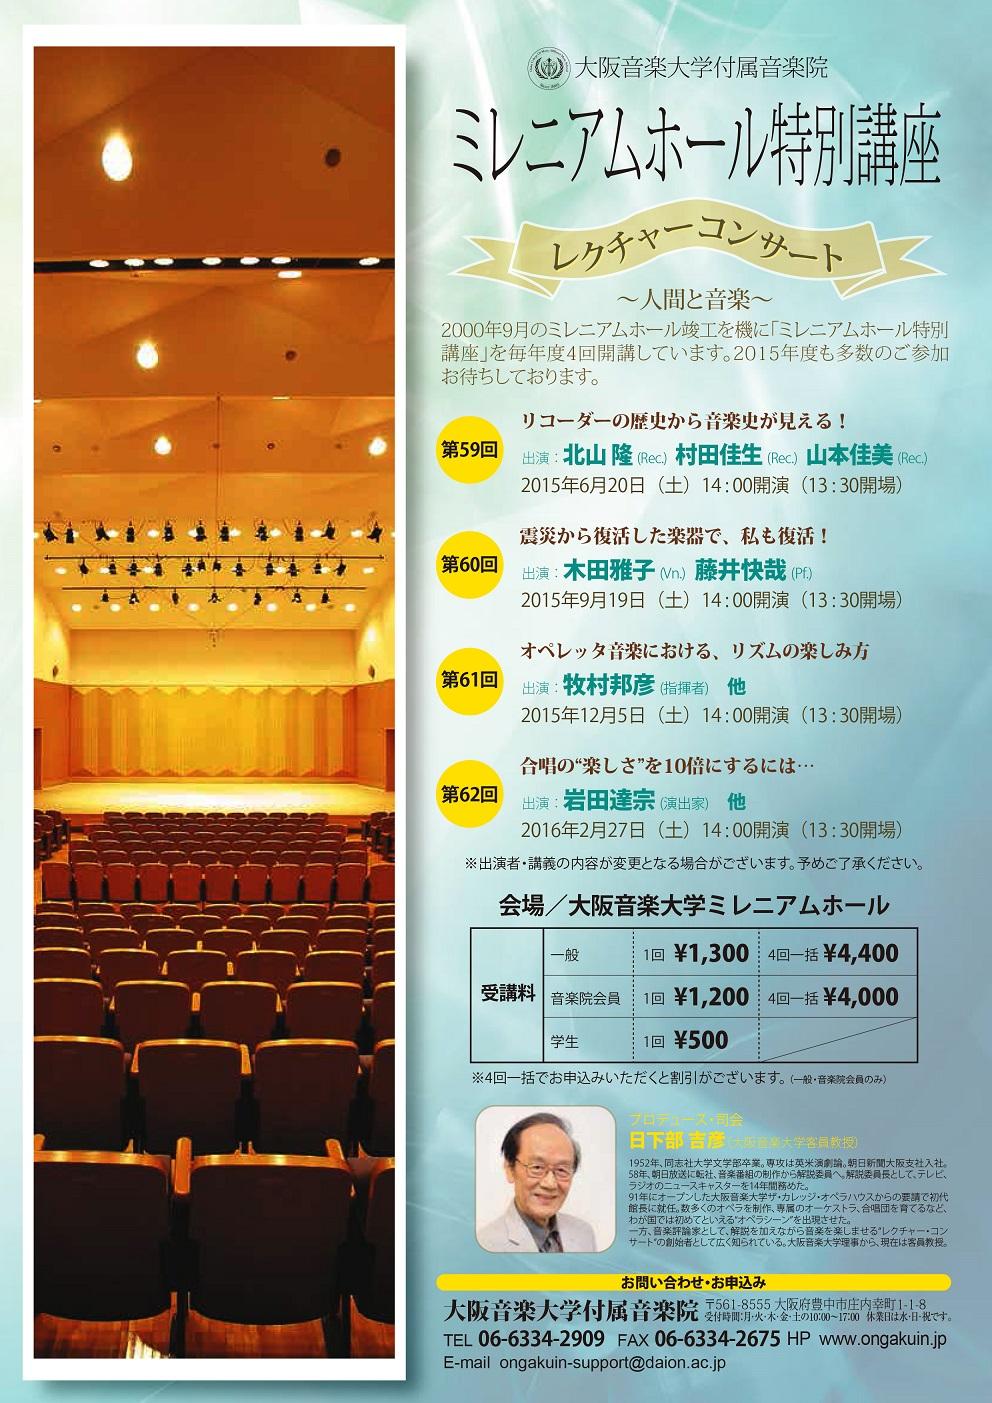 2015年度ミレニアムホール特別講座~レクチャーコンサート~